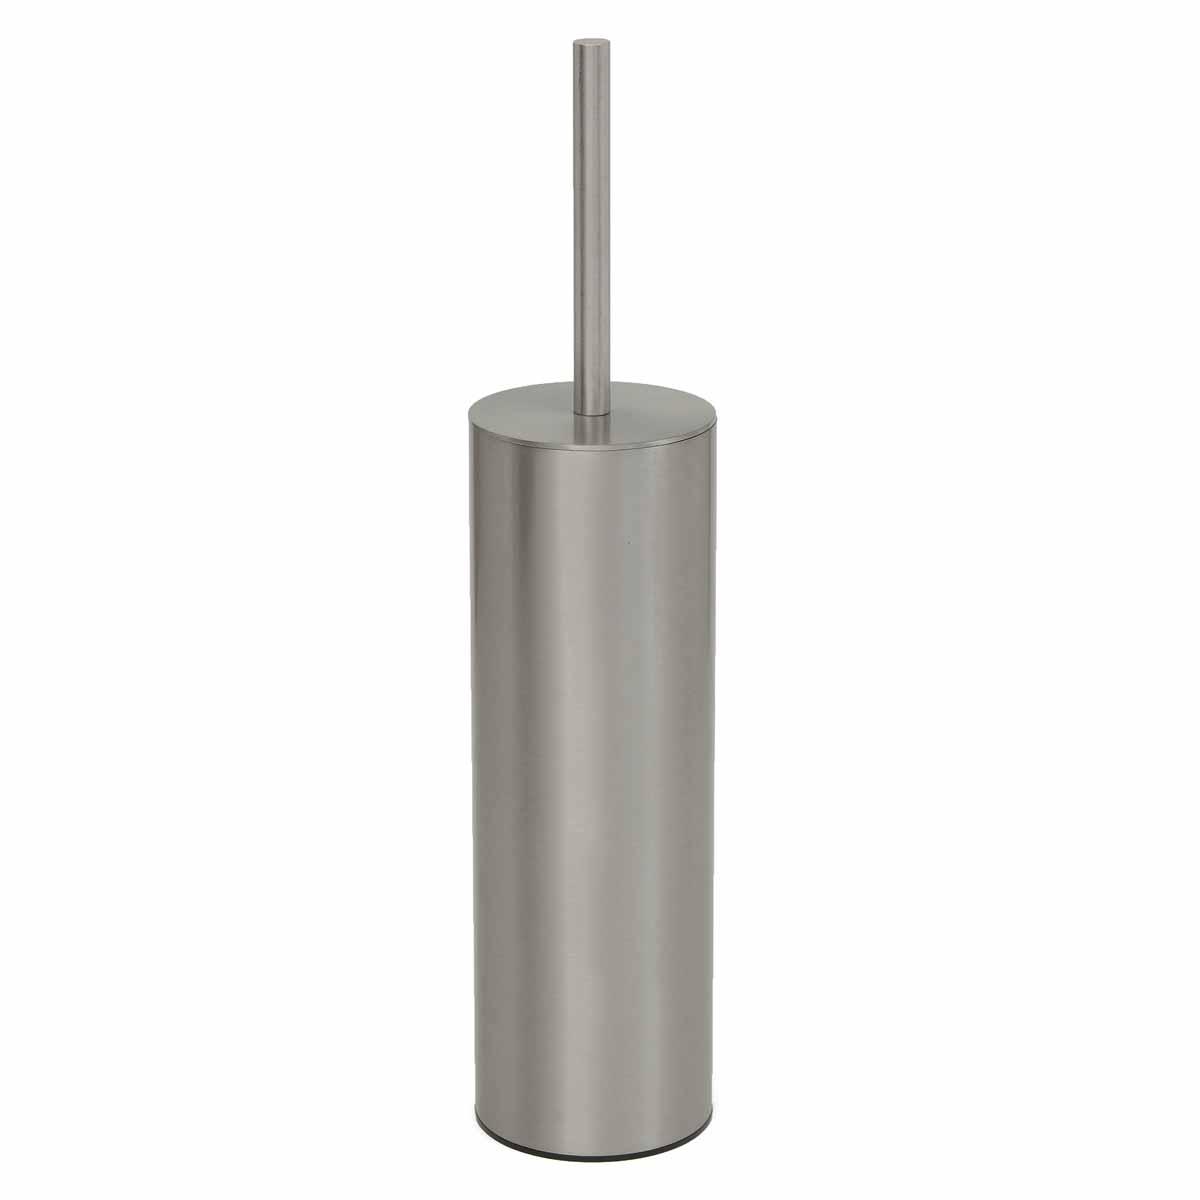 Πιγκάλ Βαρέως Τύπου PamCo 716 Satine Nickel